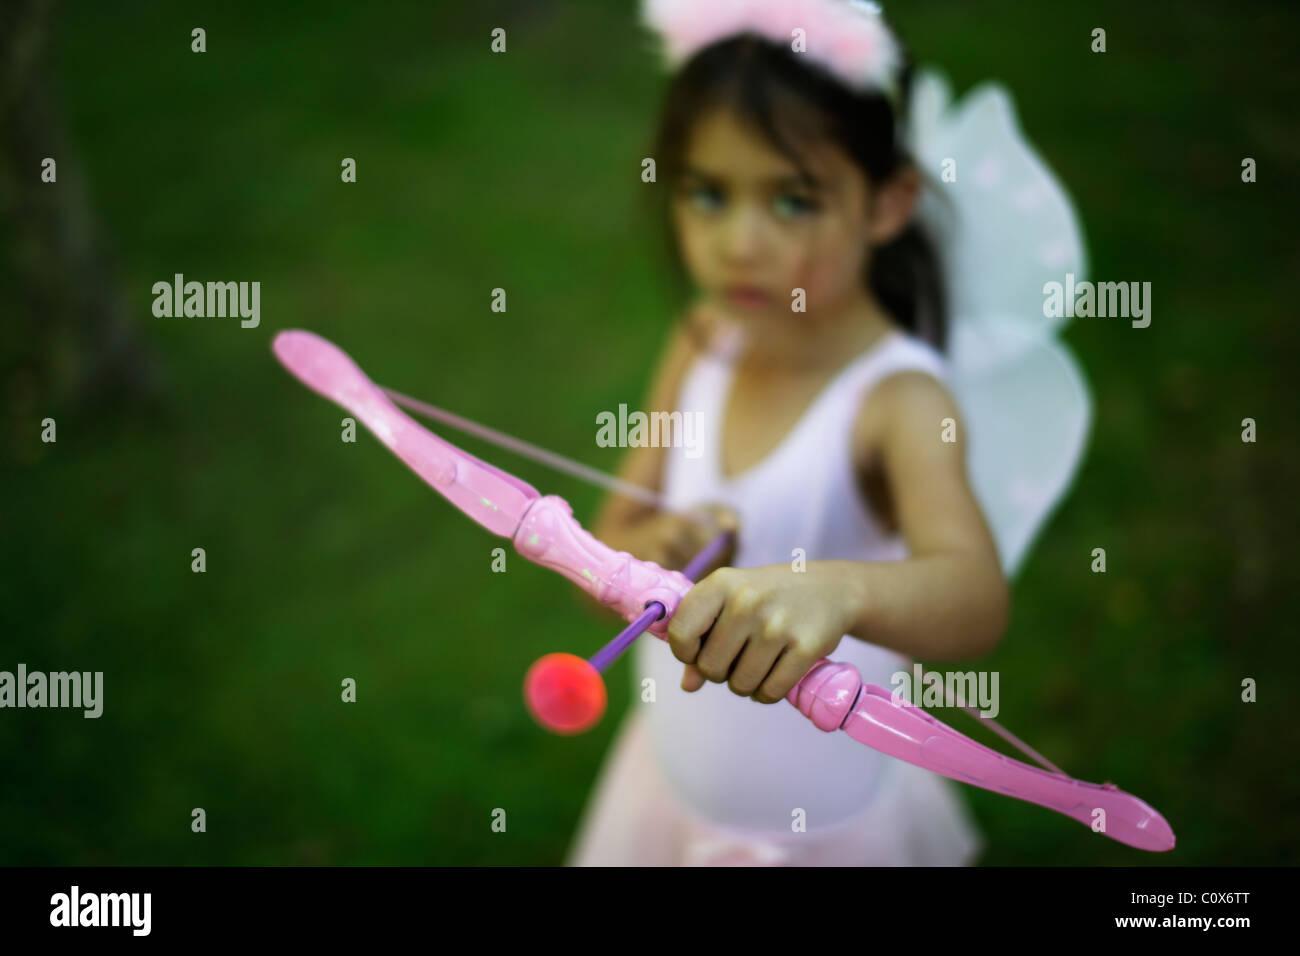 Cinco anos de idade jovem Garota em Traje de fadas com rosa arco e flecha Imagens de Stock